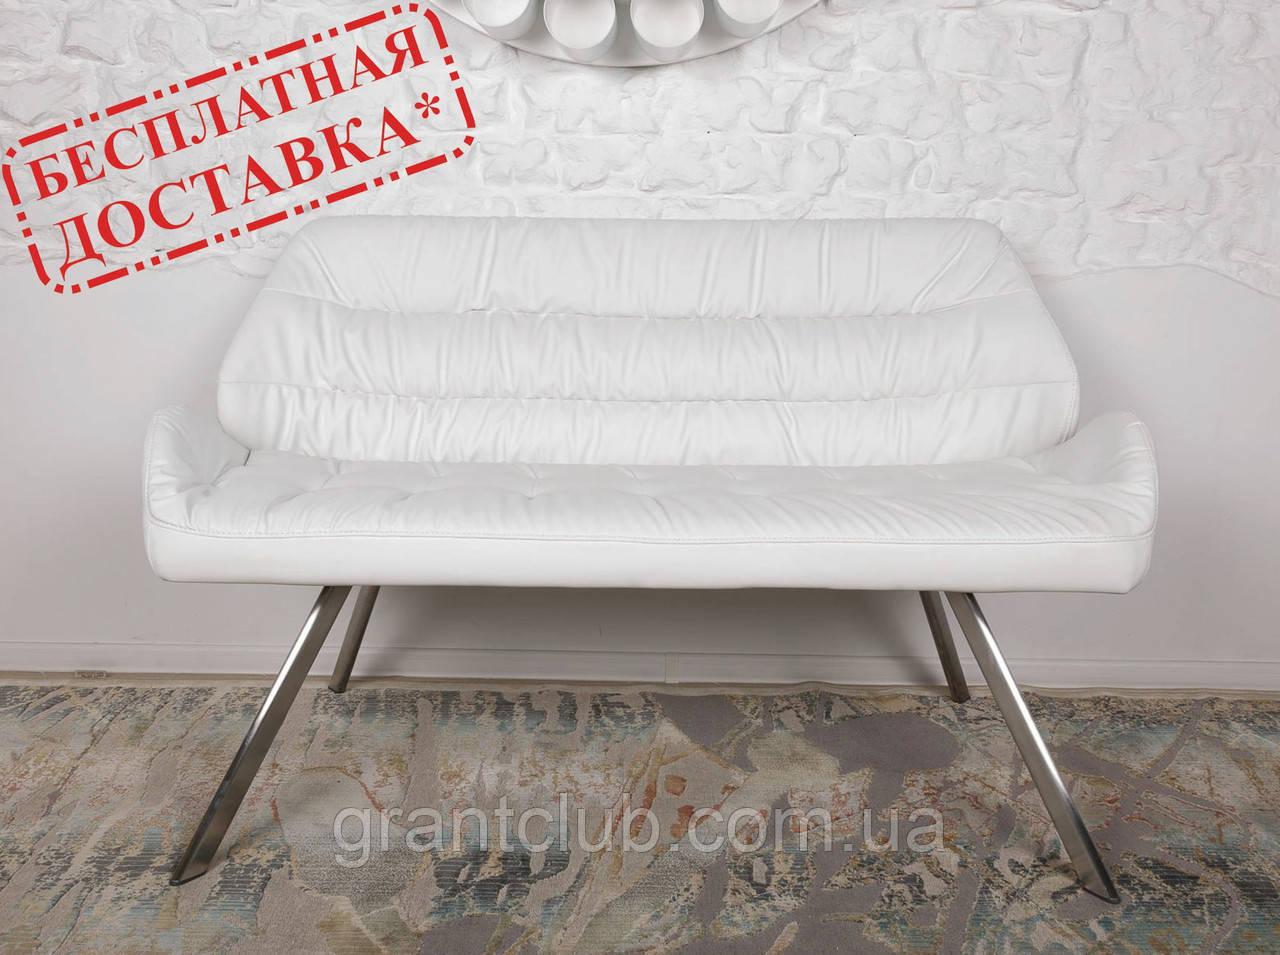 Банкетка TENERIFE 135 см білий (безкоштовна доставка)